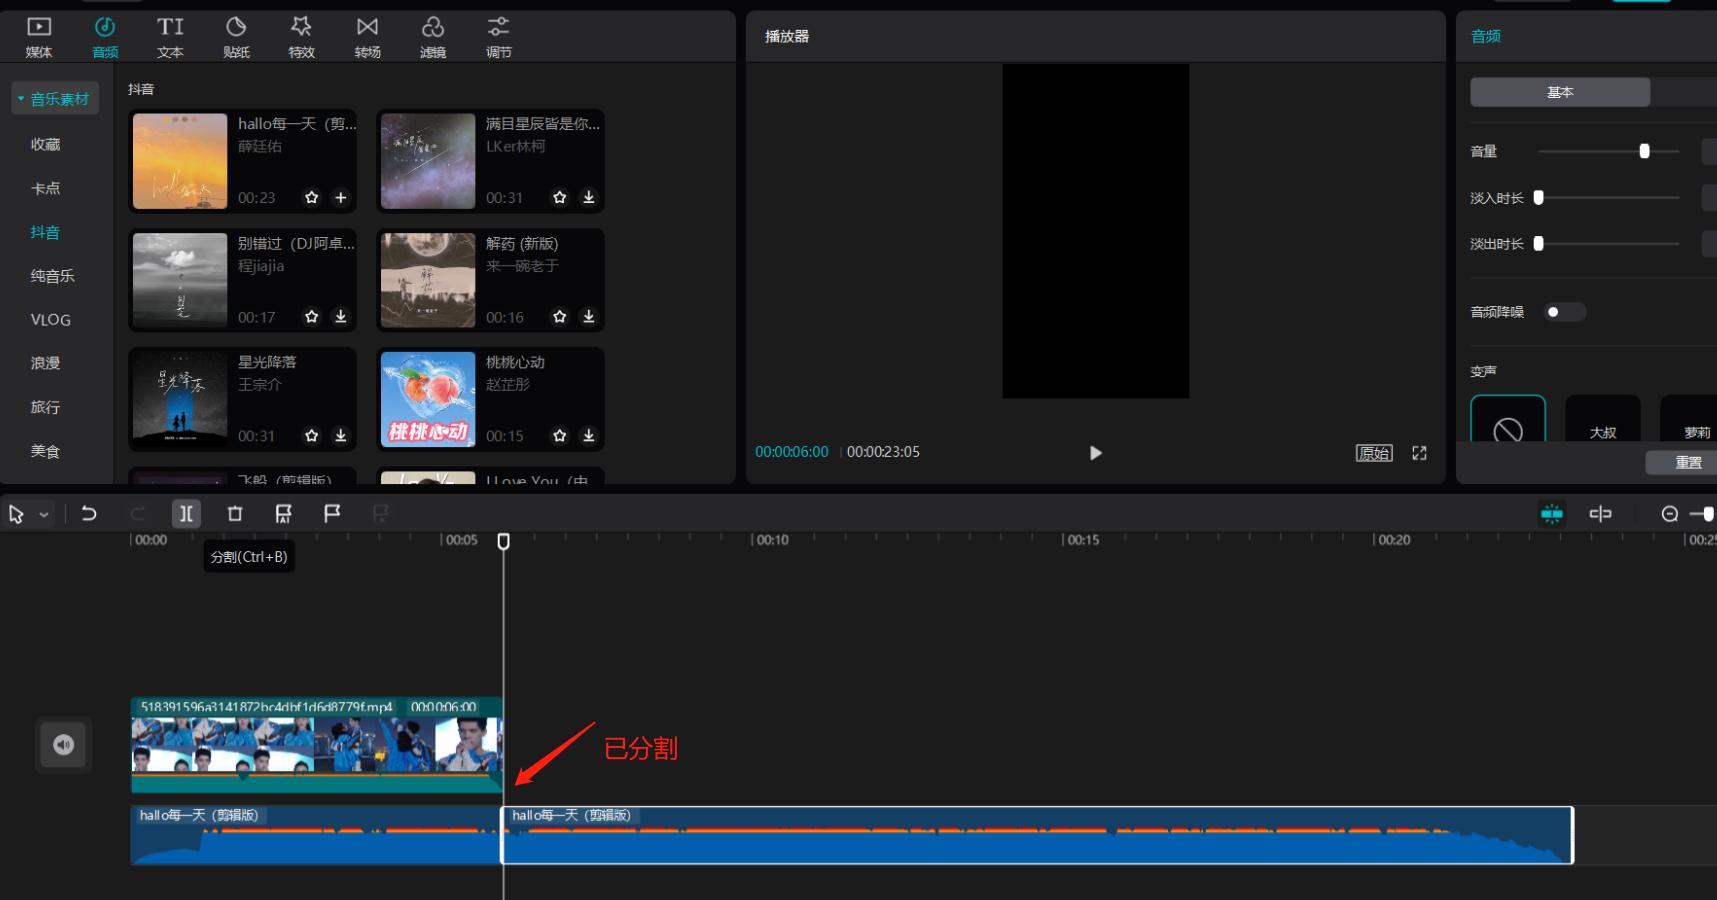 剪映怎么剪辑音乐不要的部分